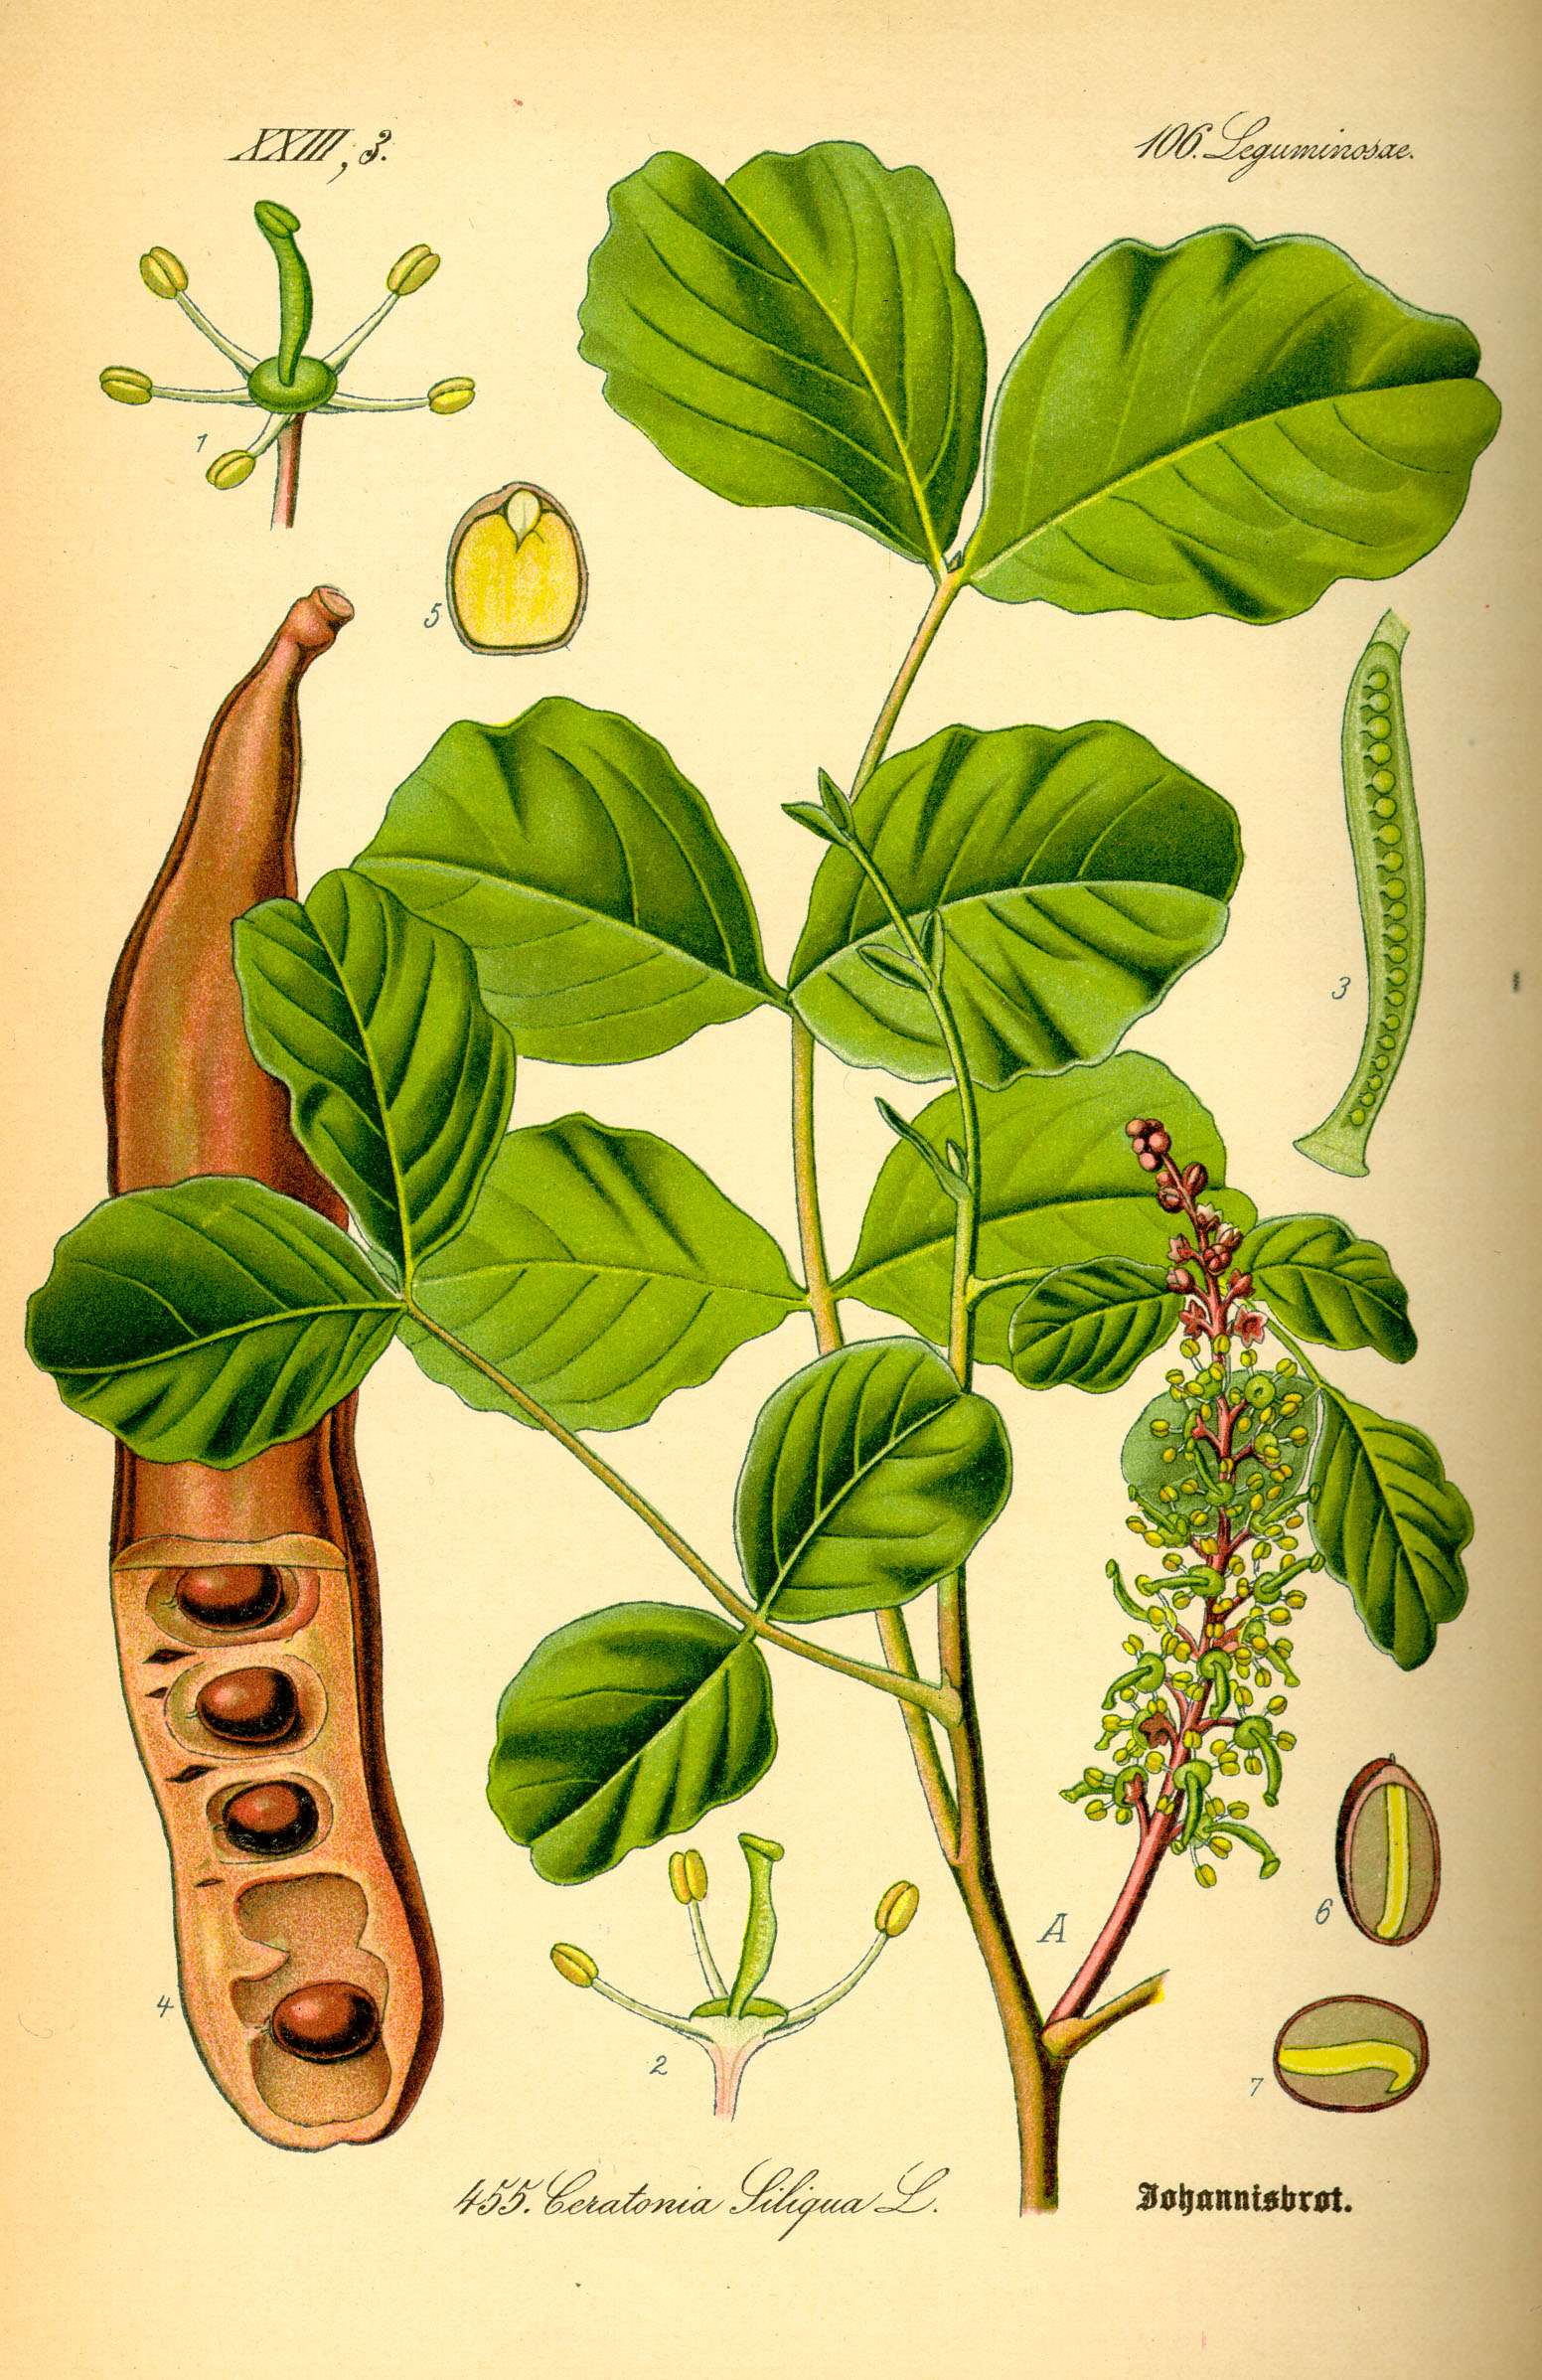 Το όνομα της το παίρνει από το σχήμα του καρπού της, του χαρουπιού, που θυμίζει ξύλινο κέρατο (ξυλοκέρατο).